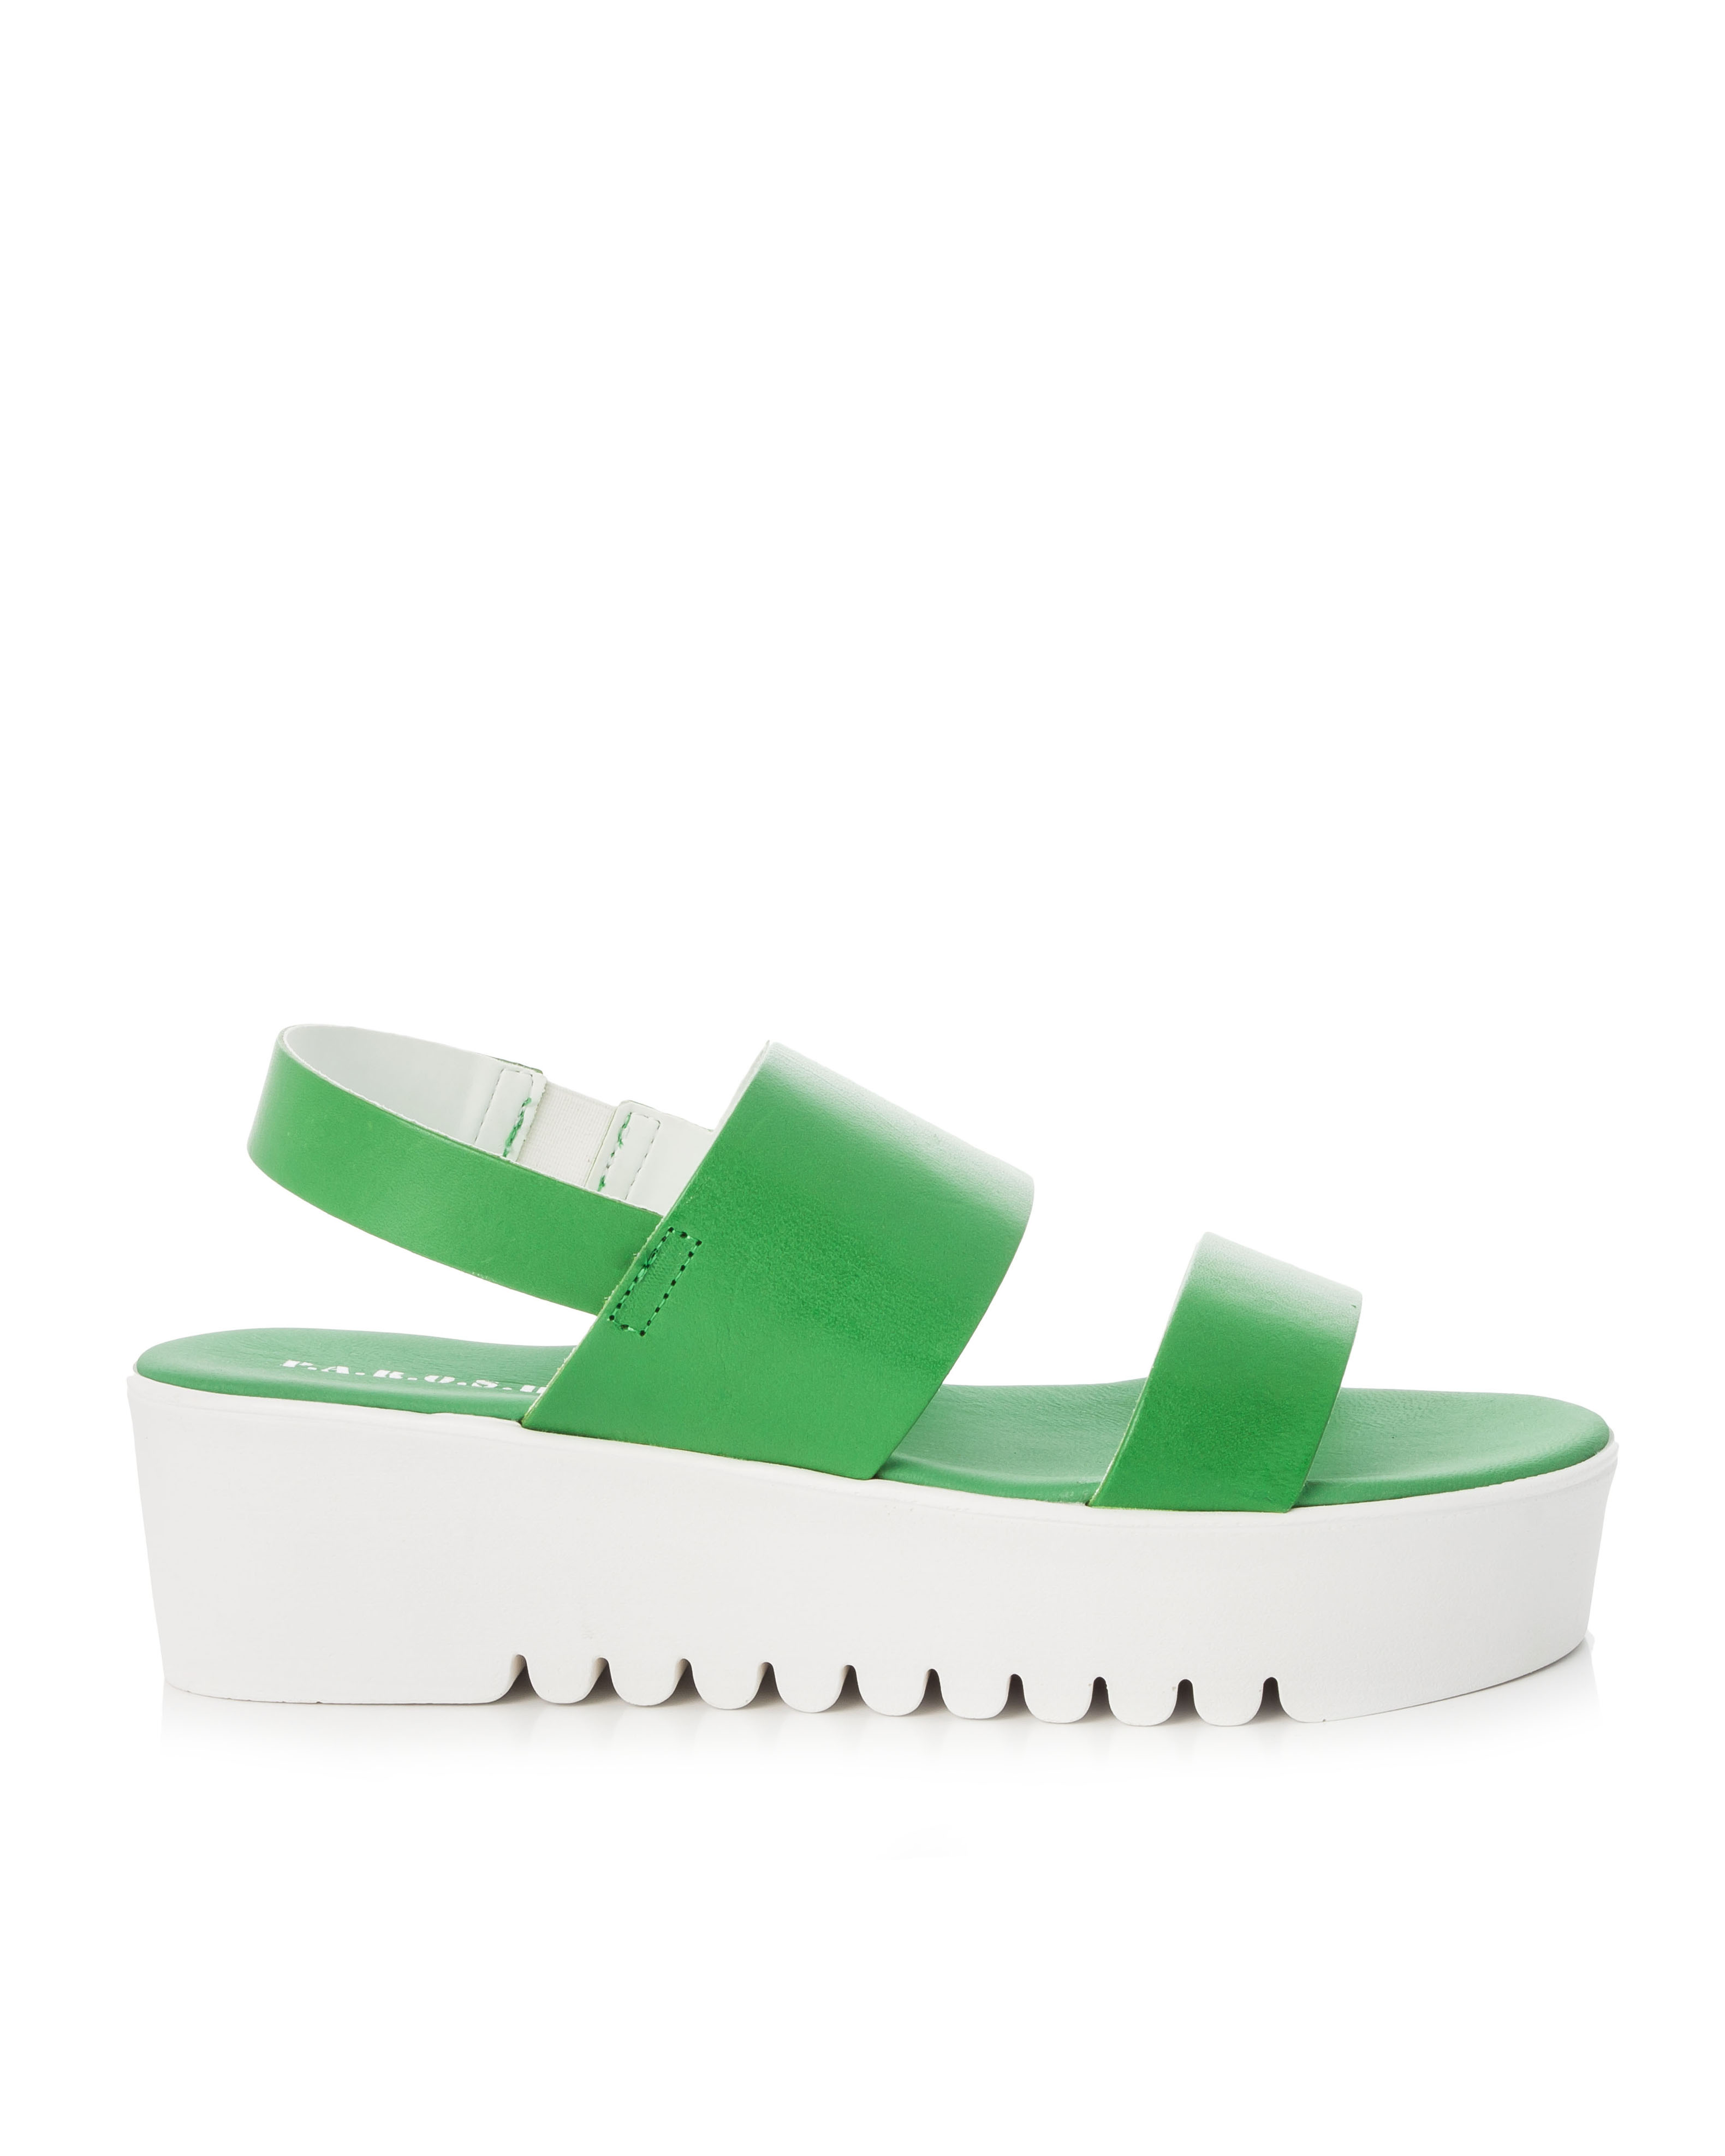 женская сандалии P.A.R.O.S.H., сезон: лето 2016. Купить за 6100 руб. | Фото $i